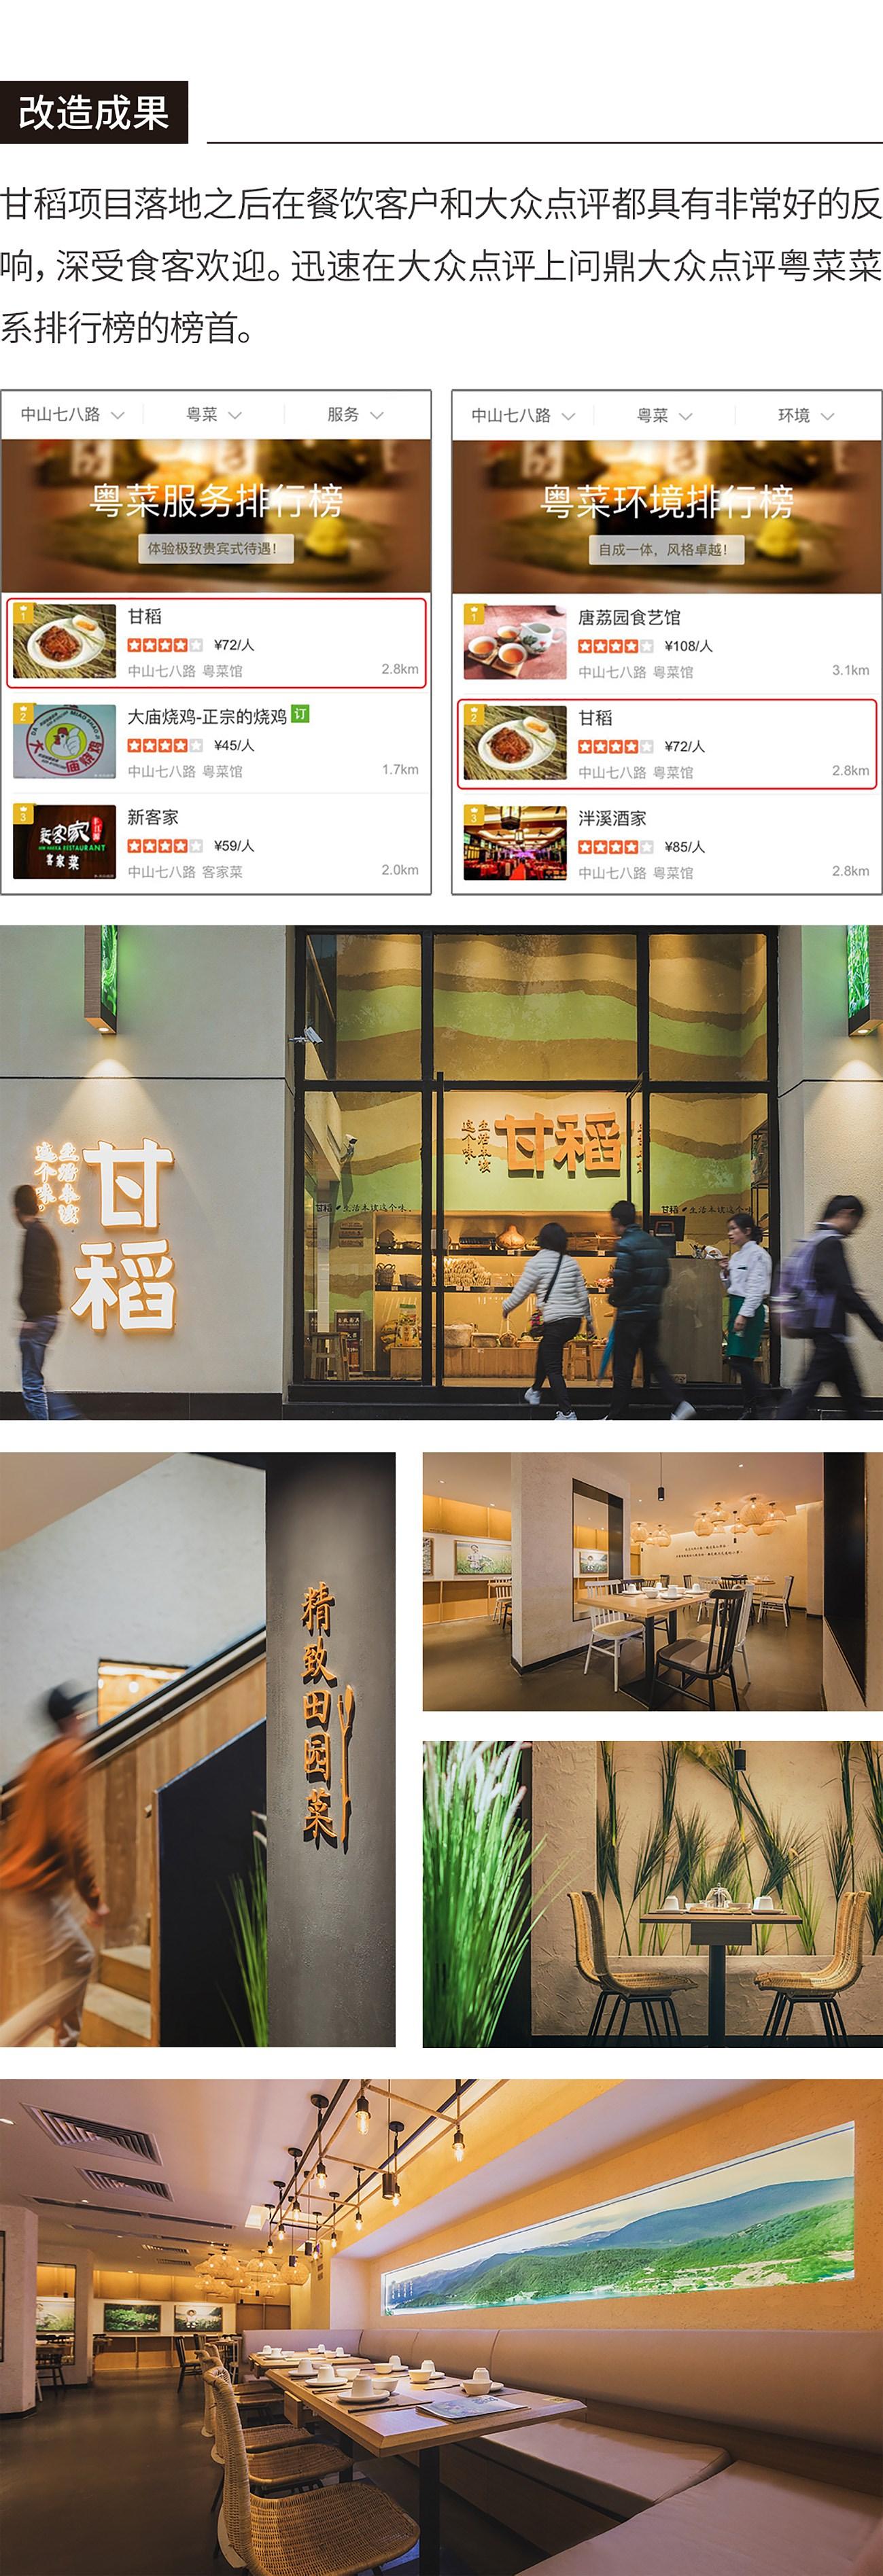 【设计切片】甘道设计案例长图_xd_180521_04.jpg